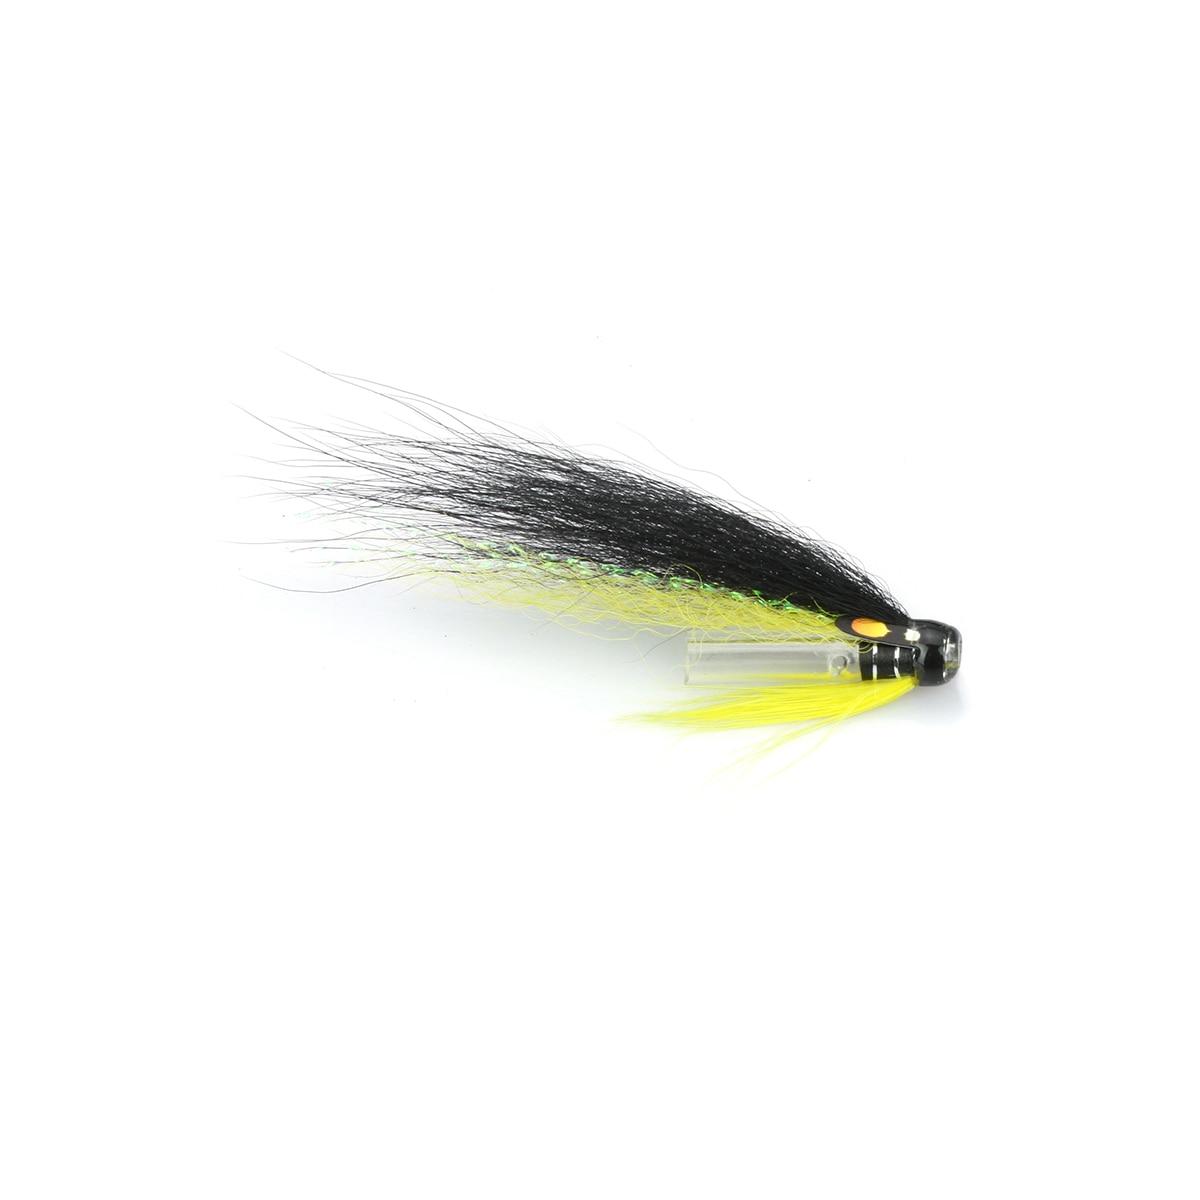 Riffle сцепка черный желтый трубка Летающий лосось морская форель мухи пластиковые трубки (8-pack)